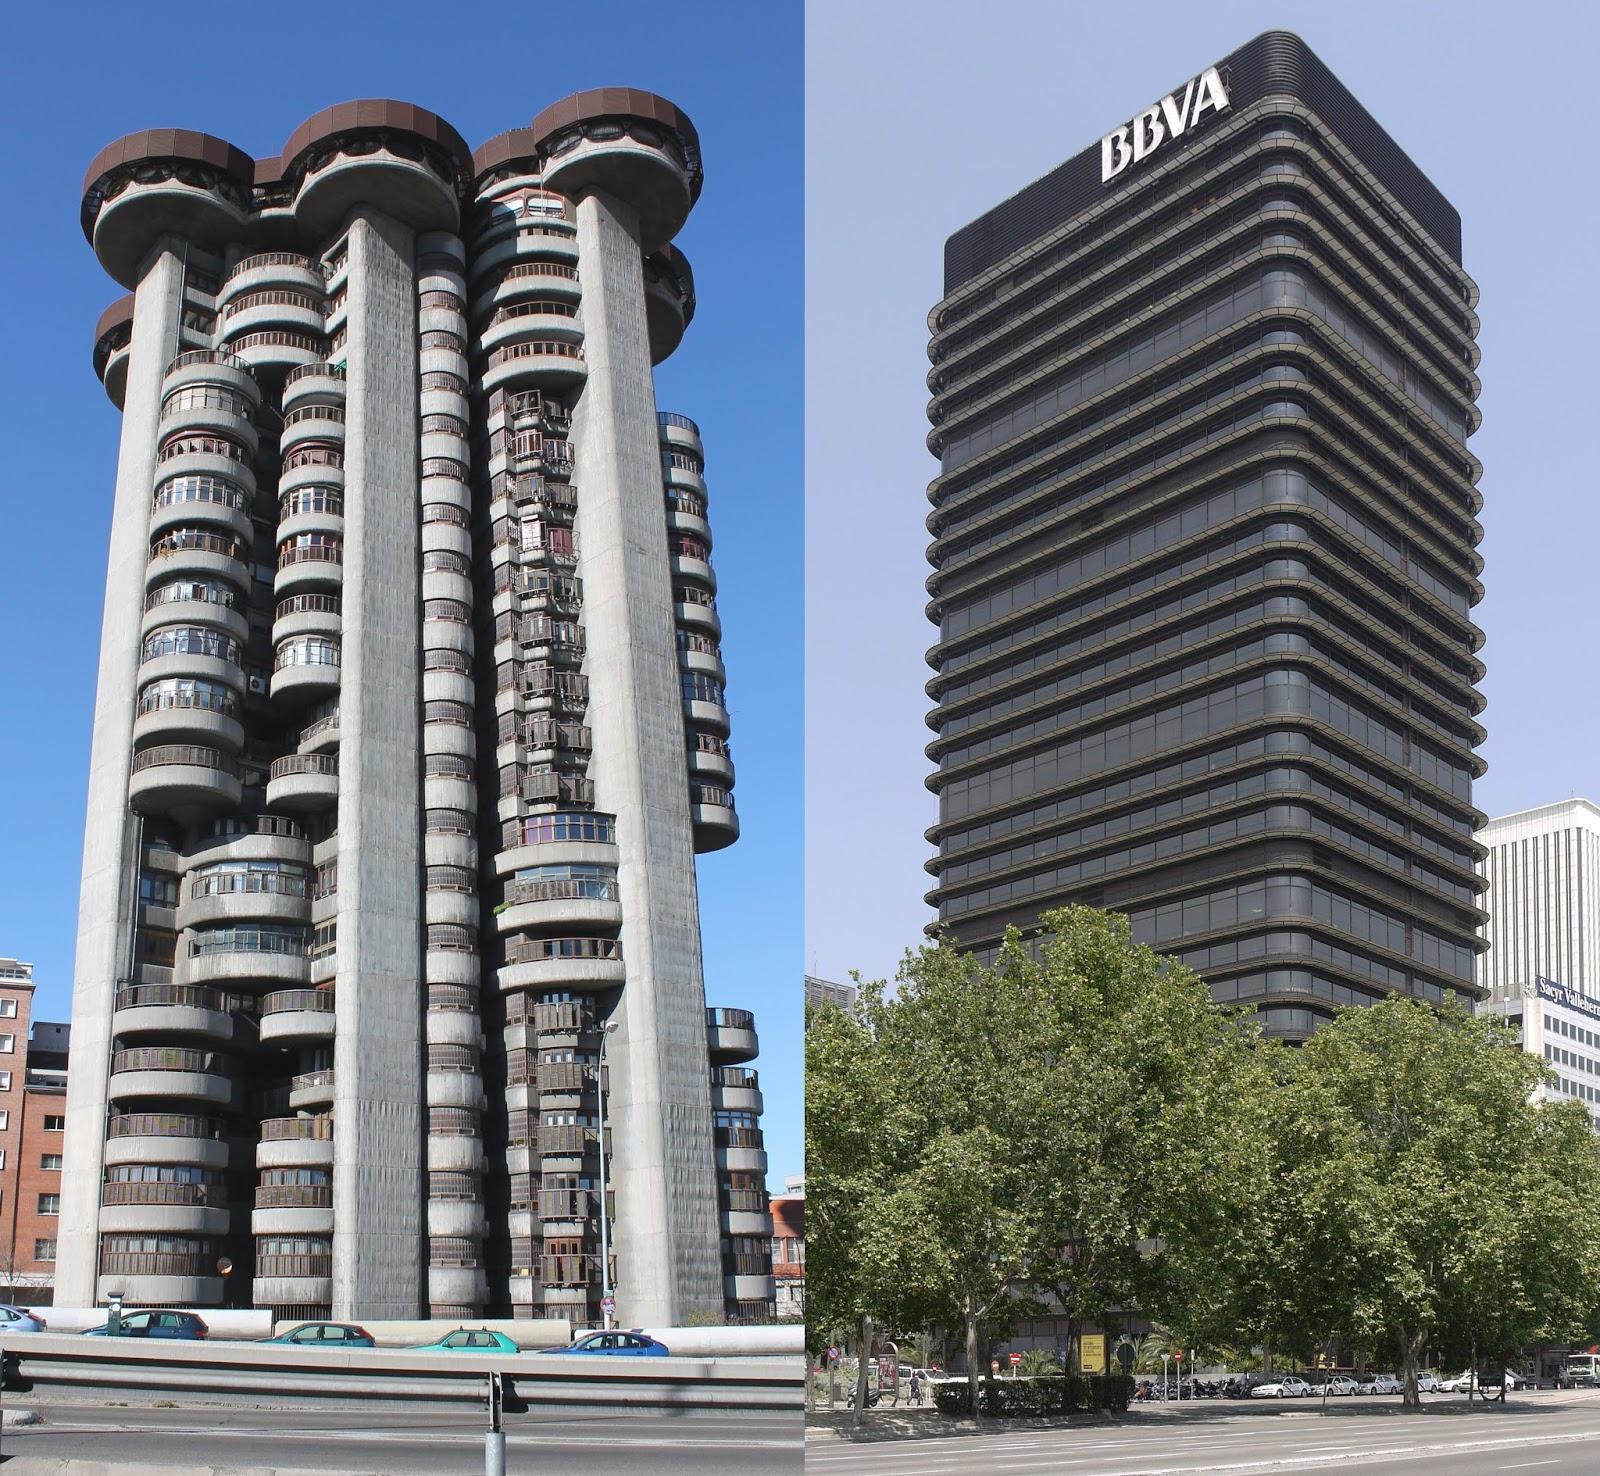 Arquitectamos locos yo confieso for Casas de embargo bbva